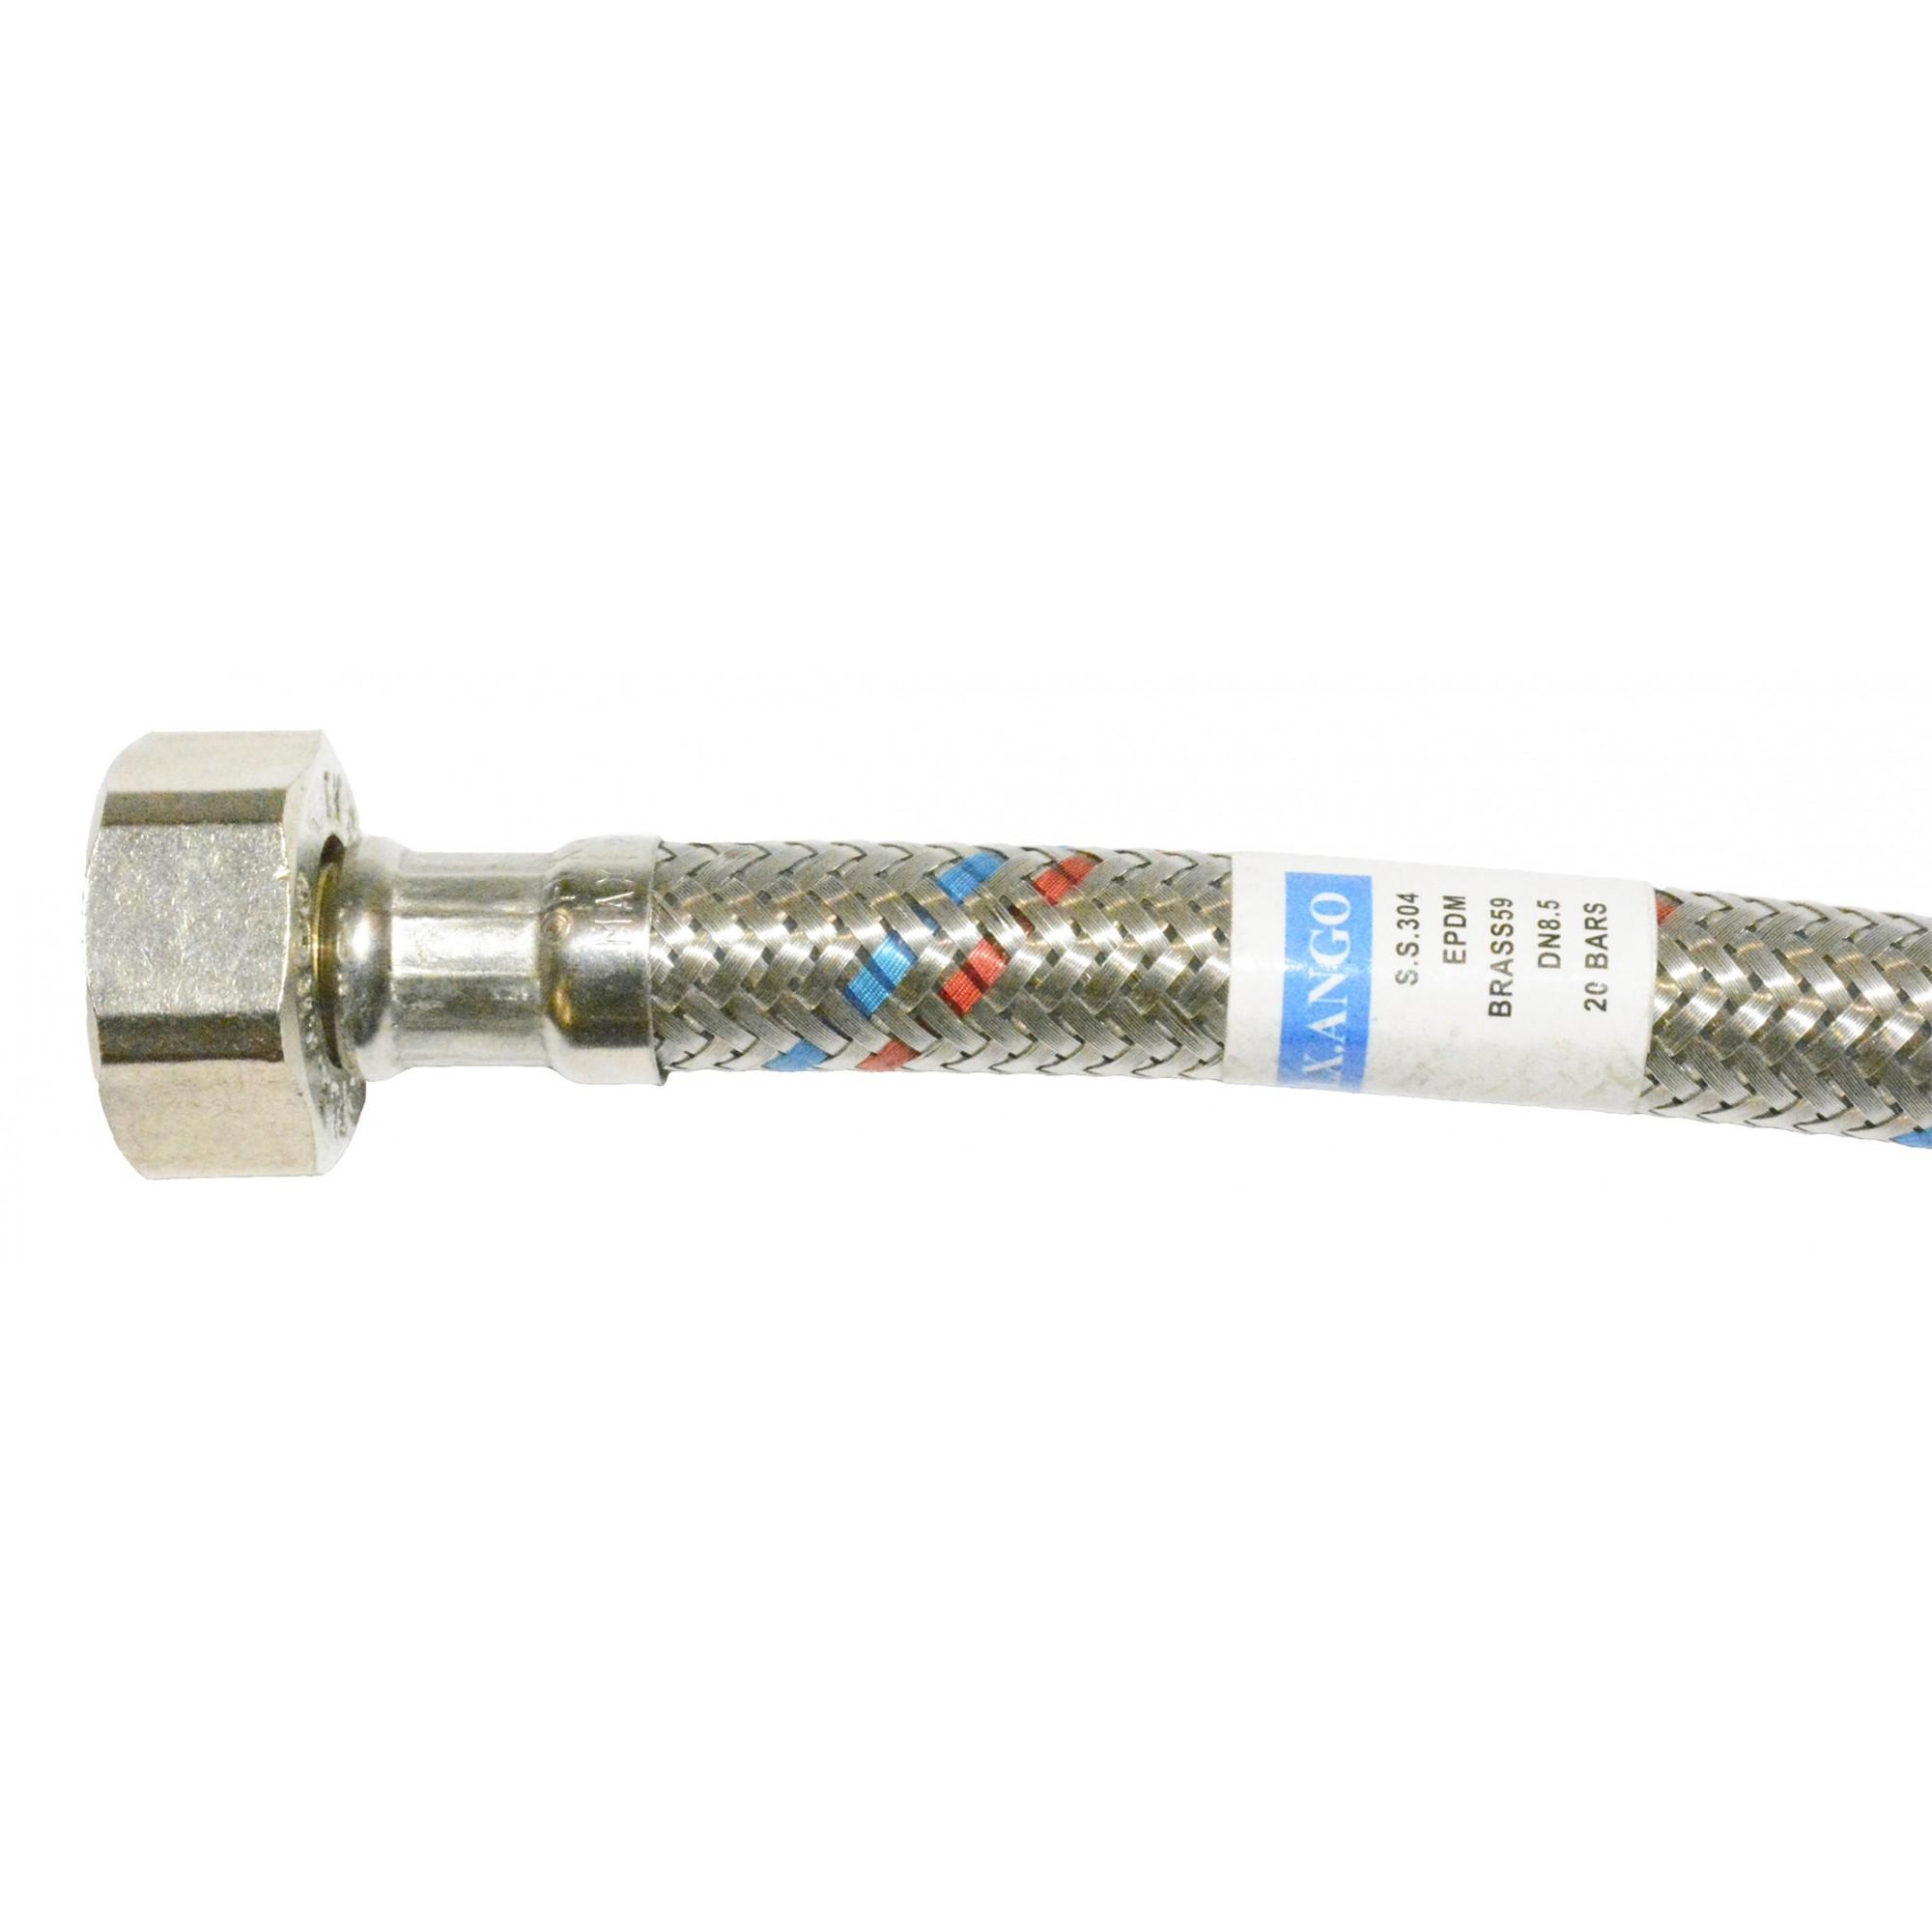 Шланг для воды в нержавеющей оплетке ANGO 40см НВ ANGO - 1